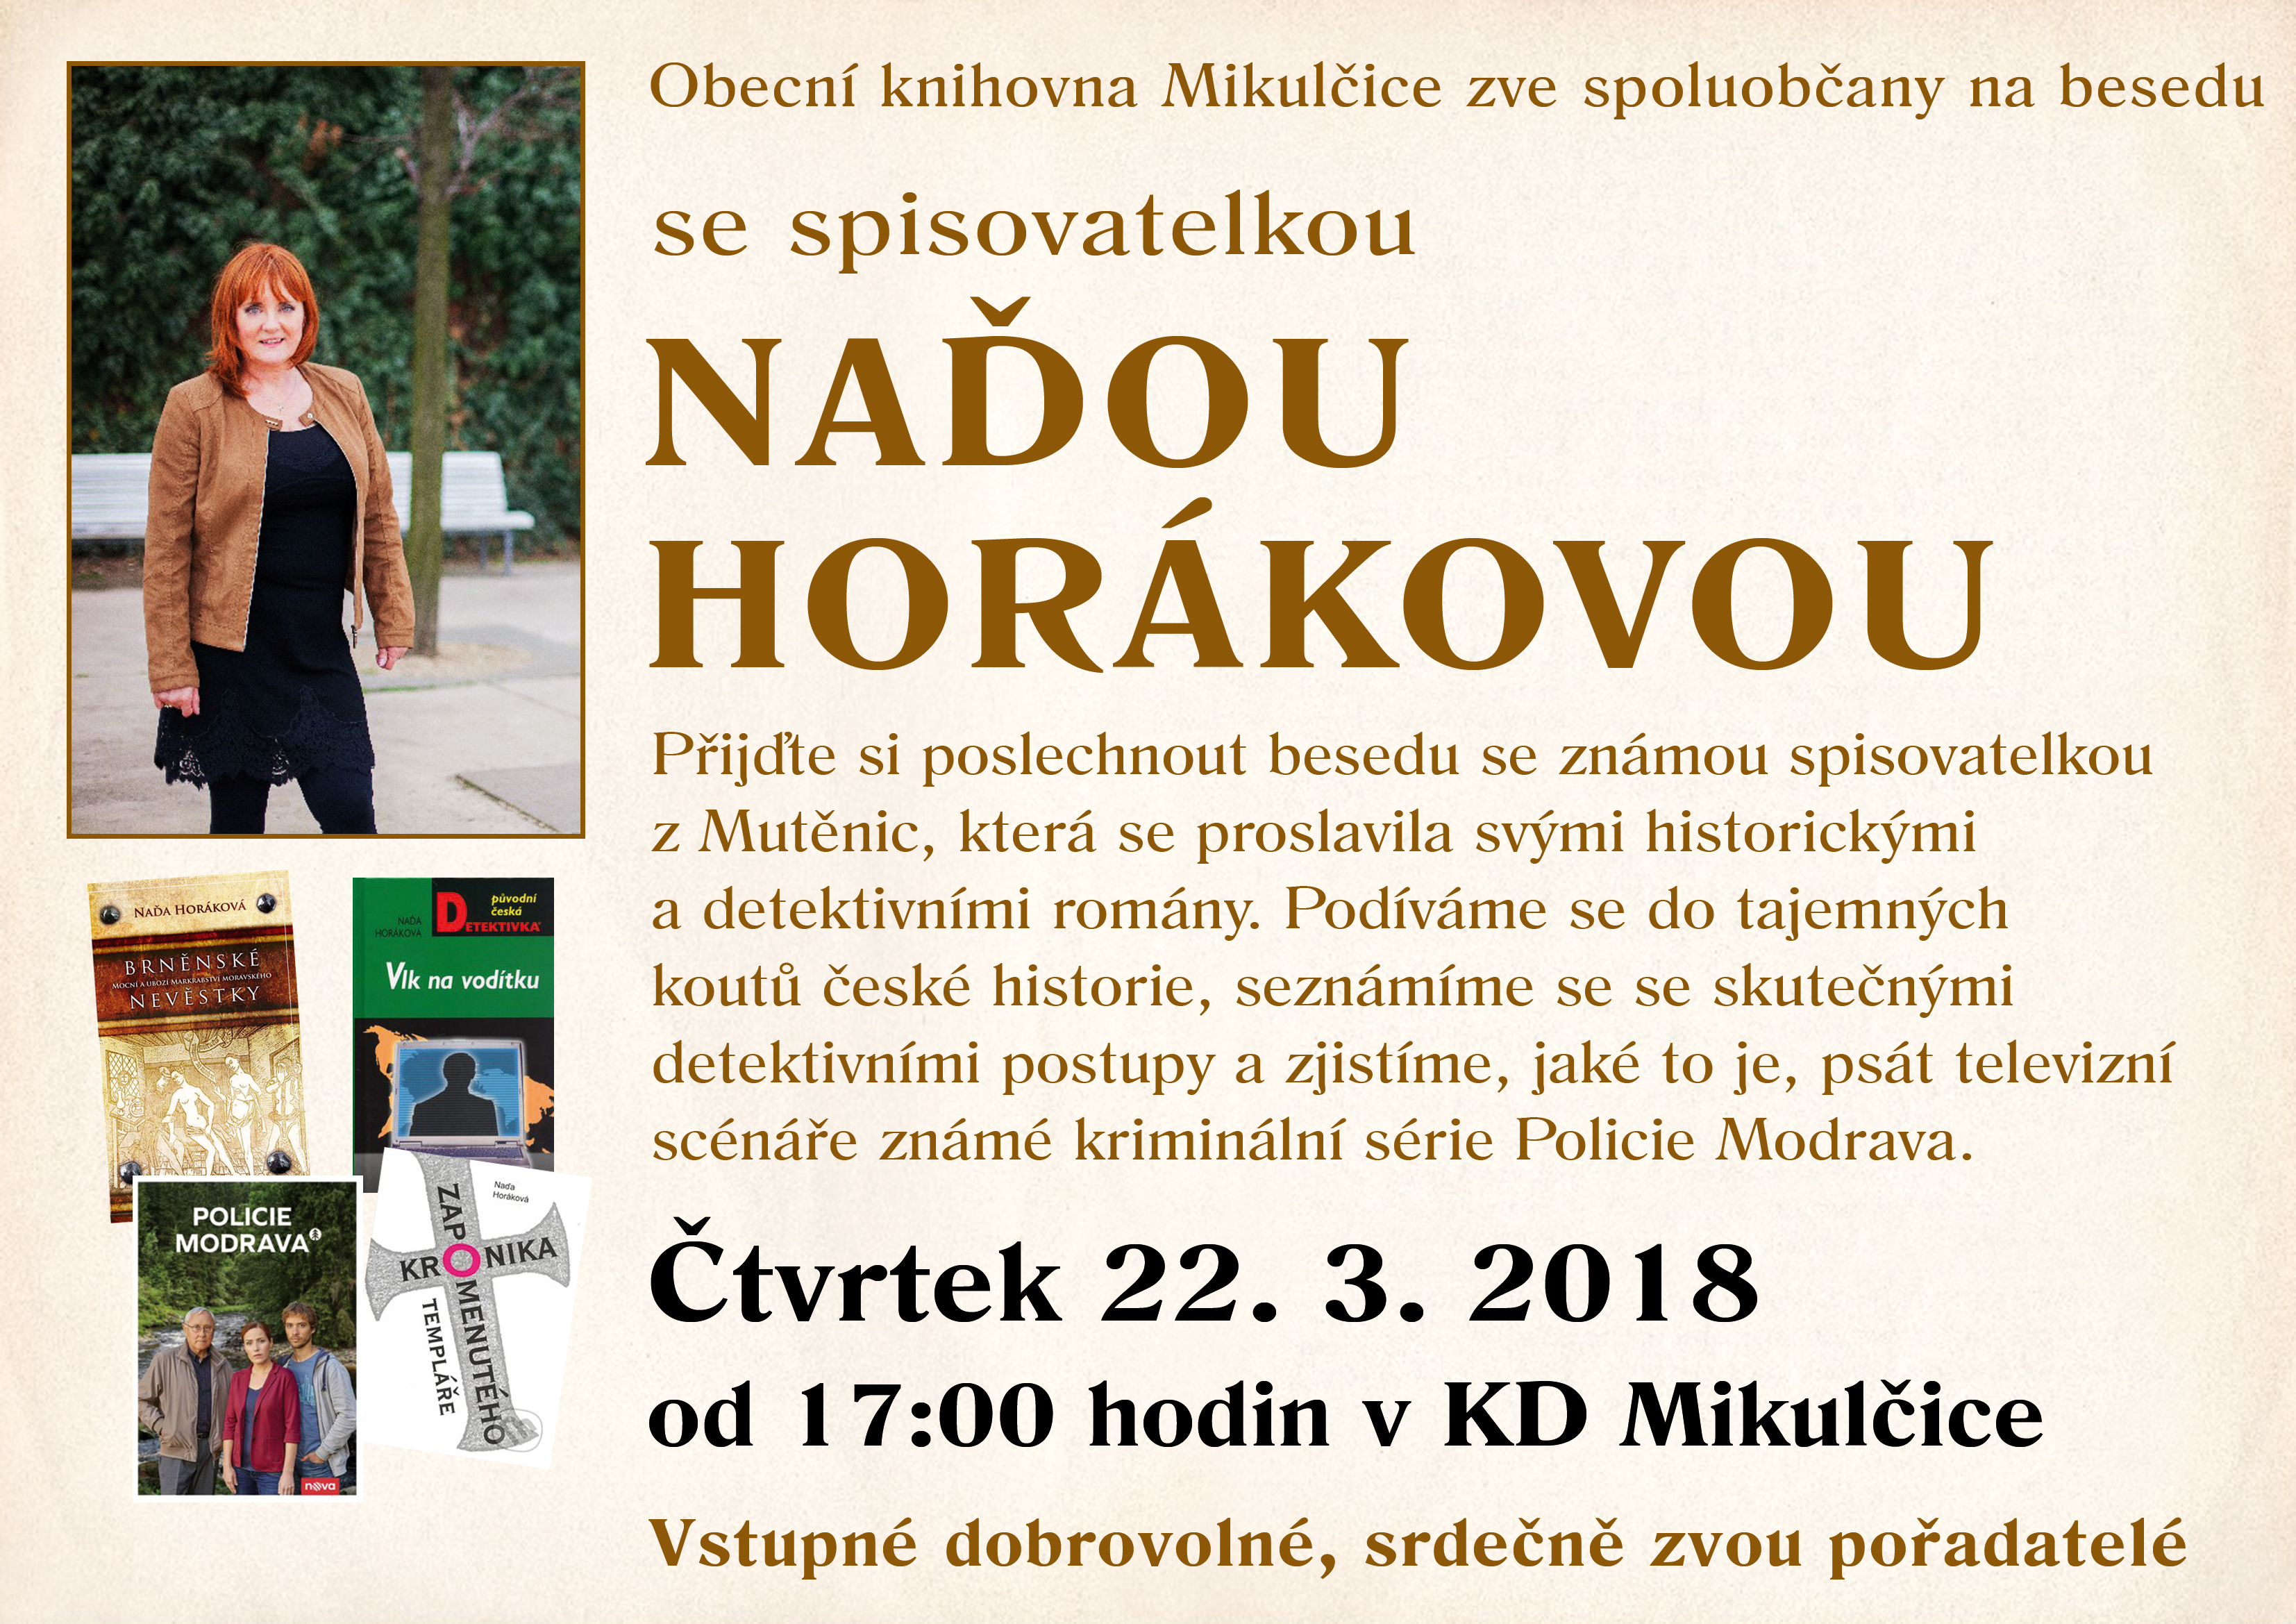 OBRÁZEK : nada_horakova_beseda-plakat_2018.jpg